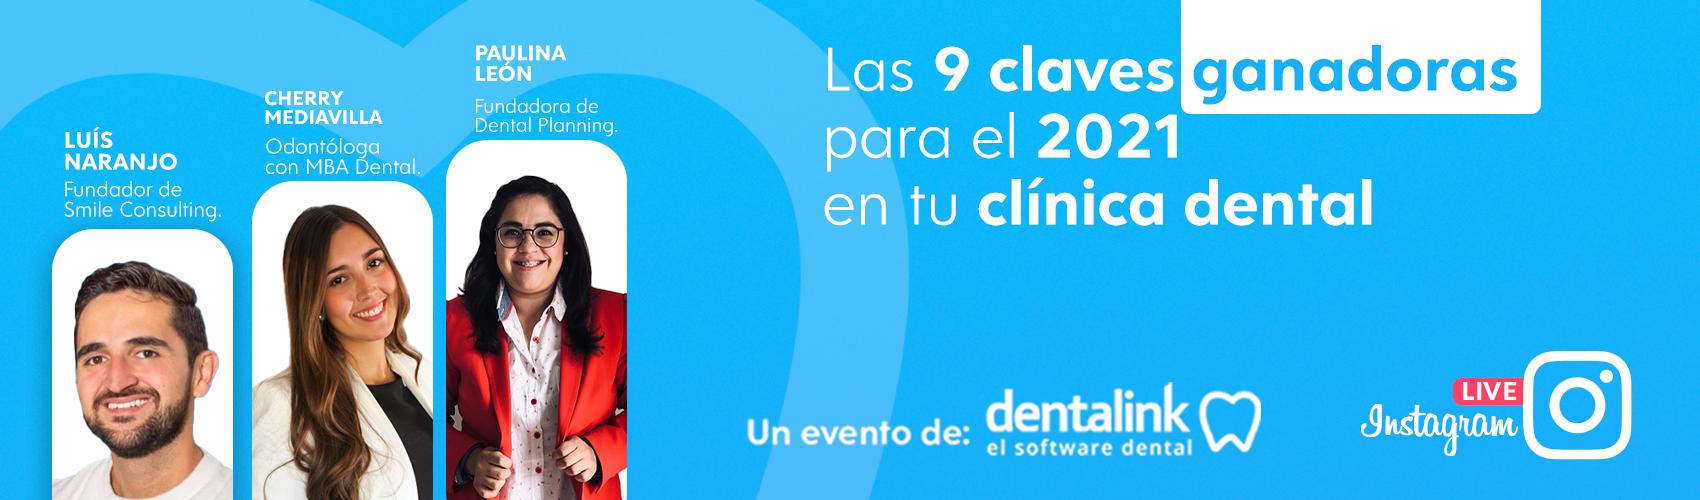 Instagram Live: Las 9 claves ganadoras para el 2021 en tu clínica dental